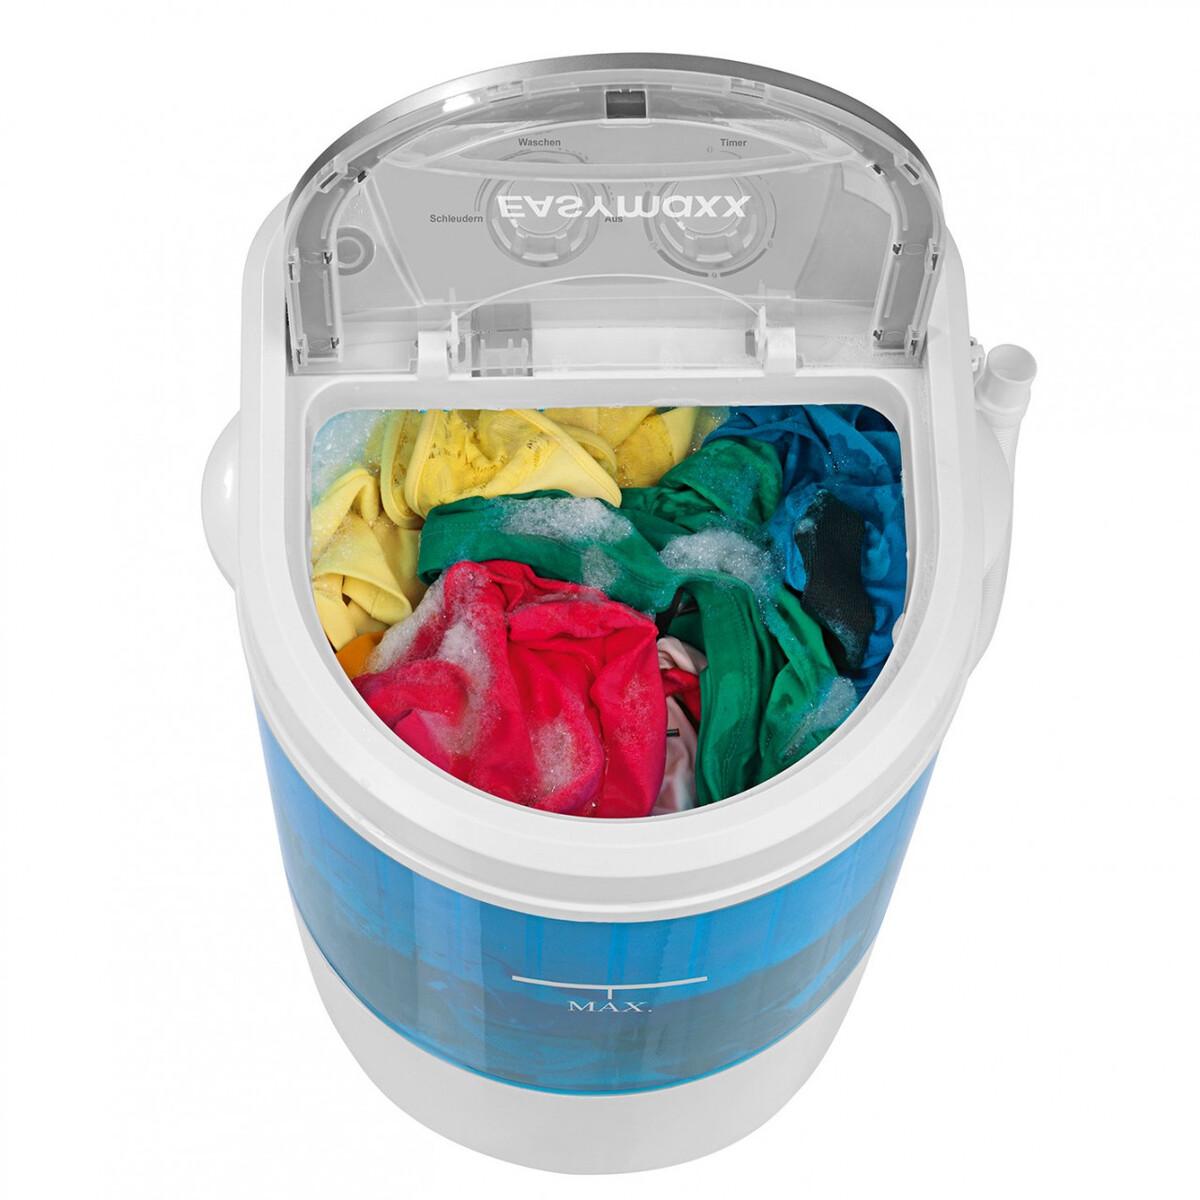 Bild 5 von EASYmaxx Mini-Waschmaschine